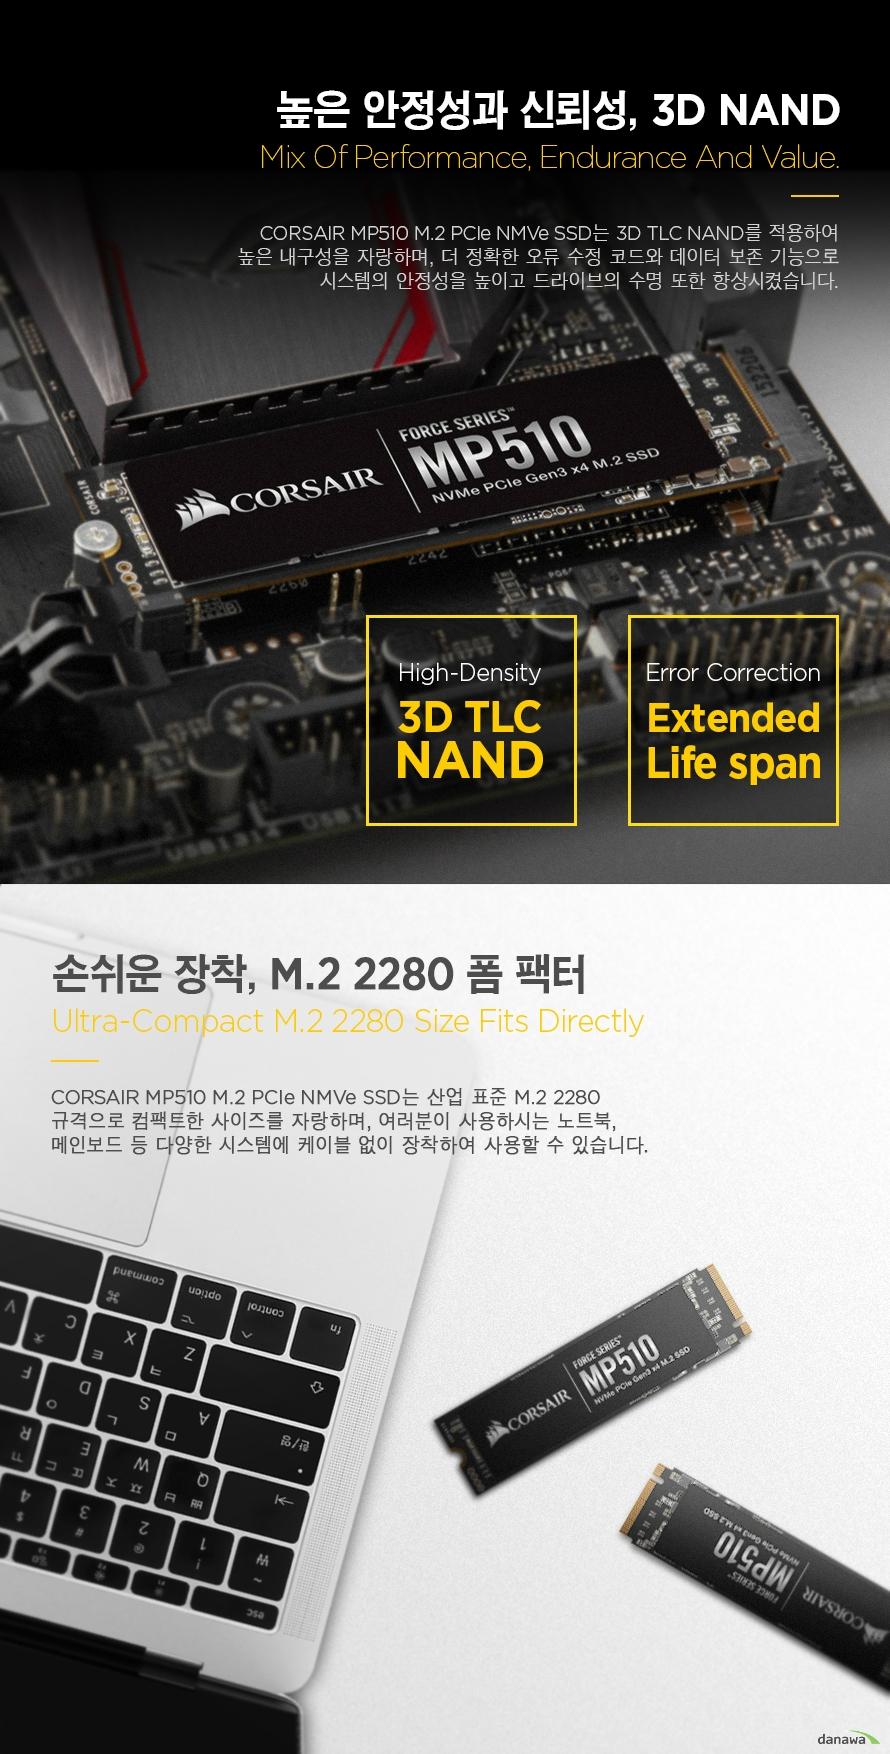 CORSAIR Force Series MP510 M.2 NVMe (480GB)